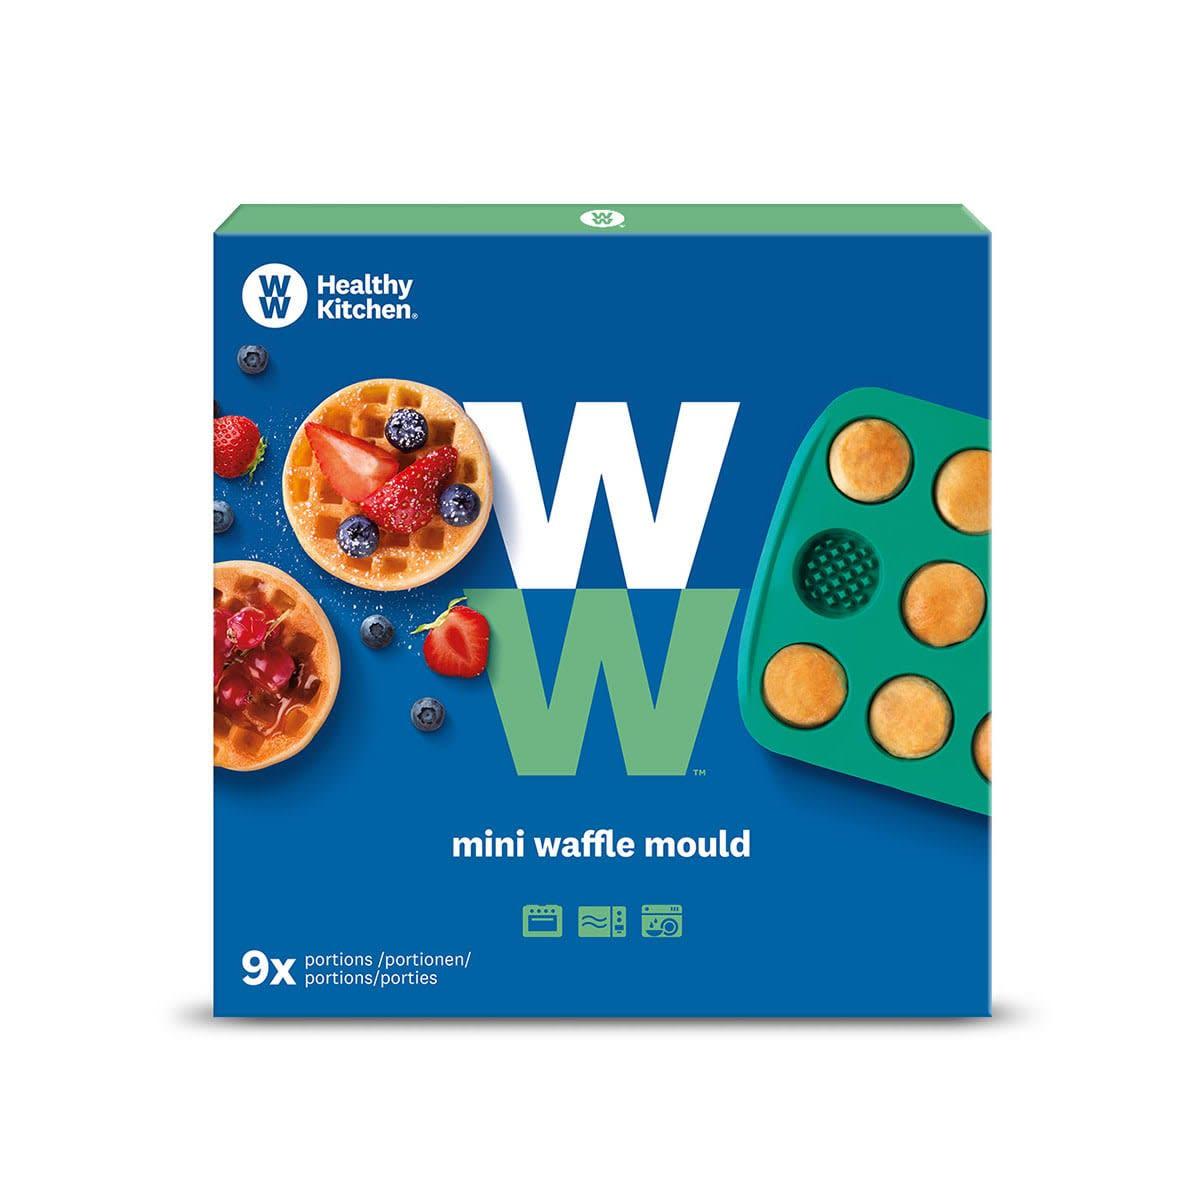 WW Waffel Förmchen in blauer und grüner, eckiger Verpackung mit Produktbild.